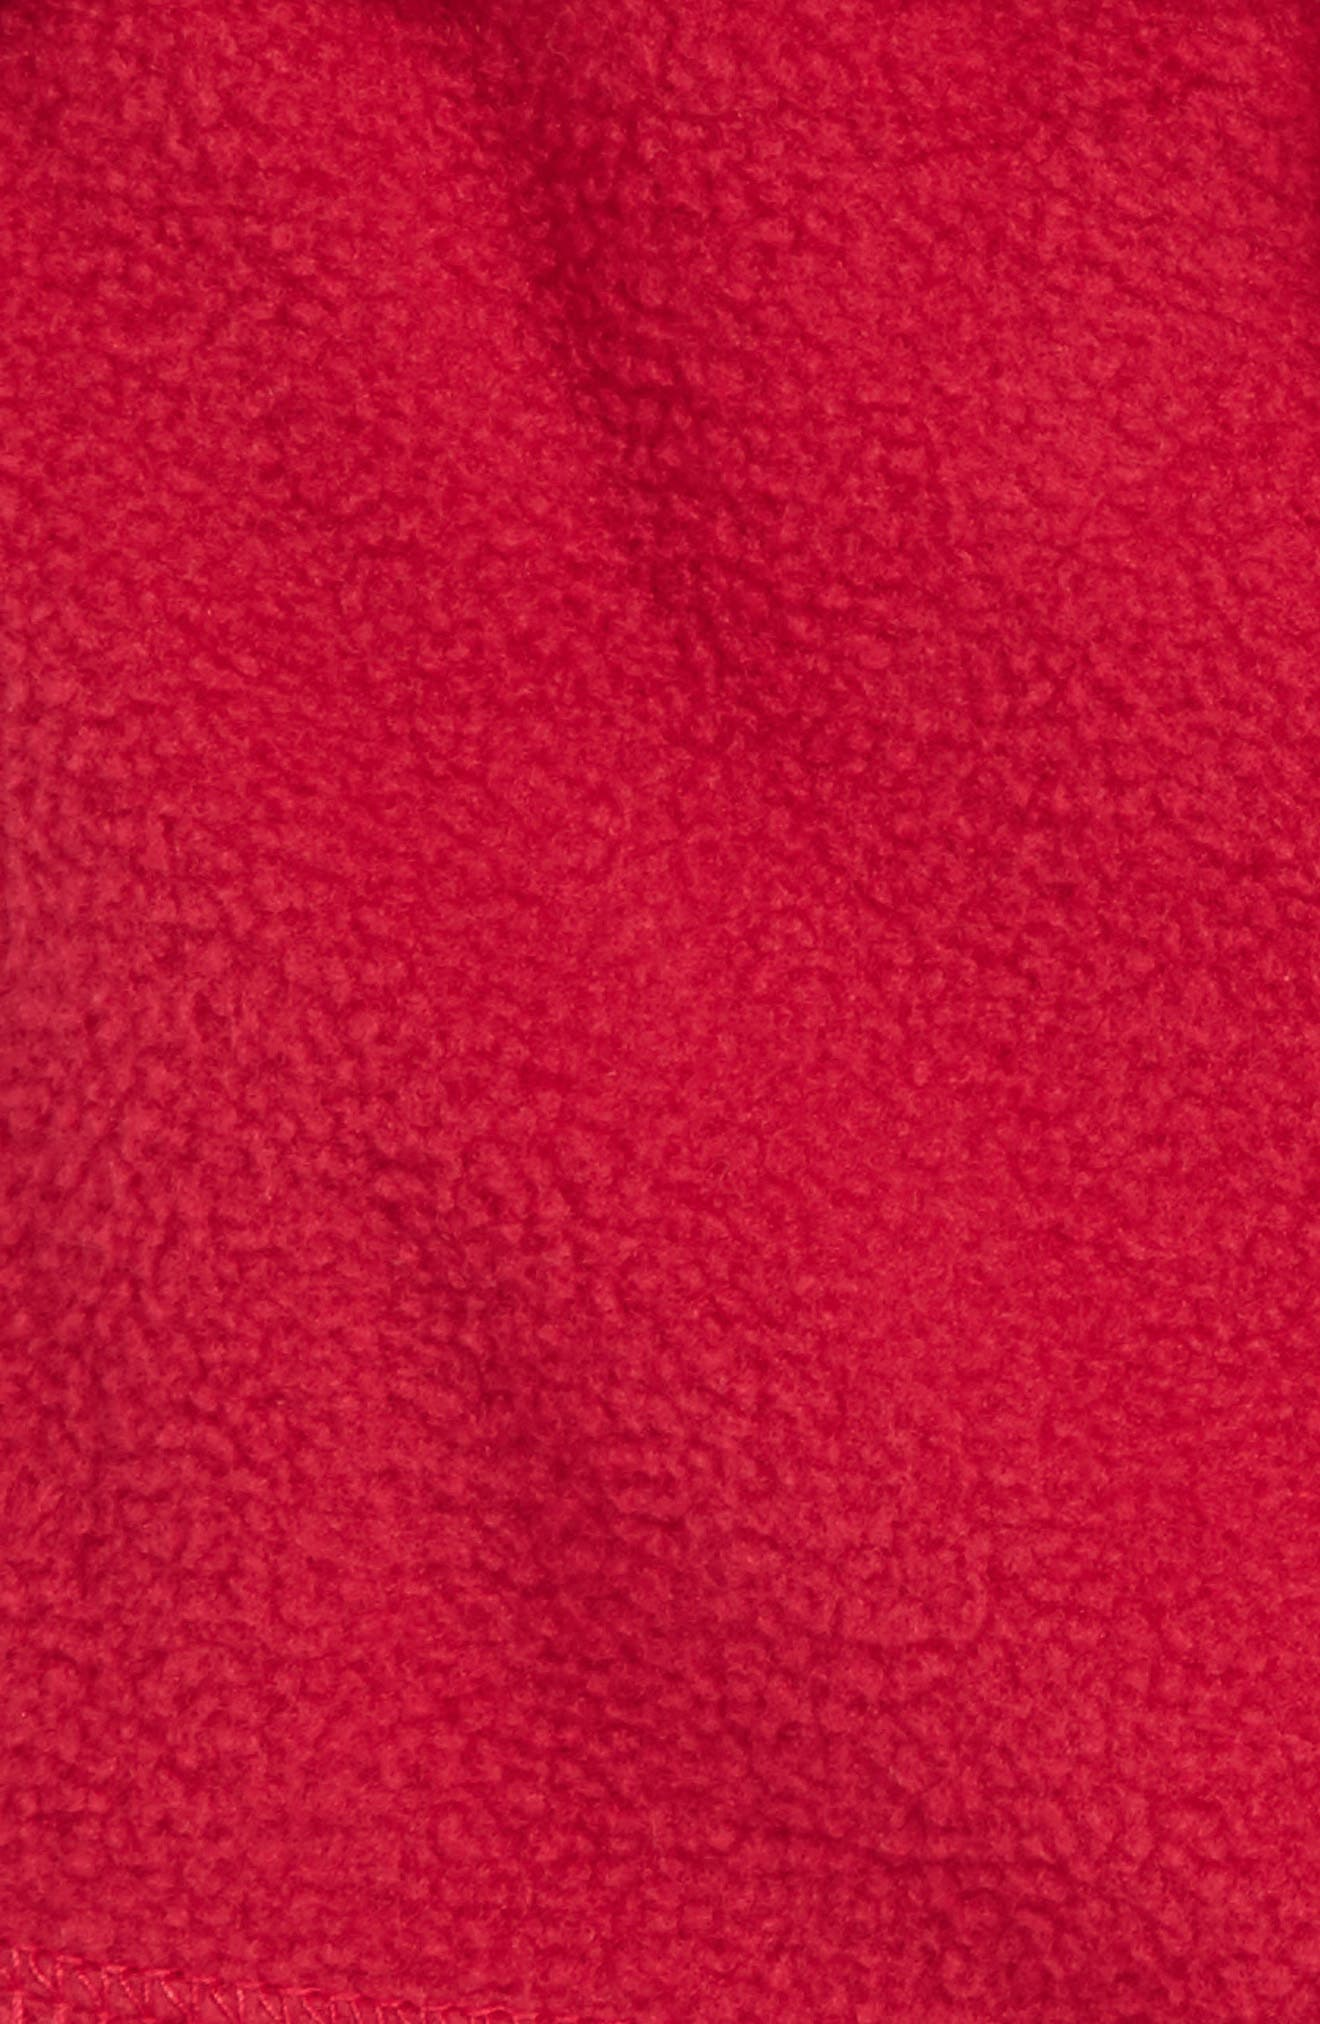 Knit Collar Fleece Boot Socks,                             Alternate thumbnail 3, color,                             Raspberry